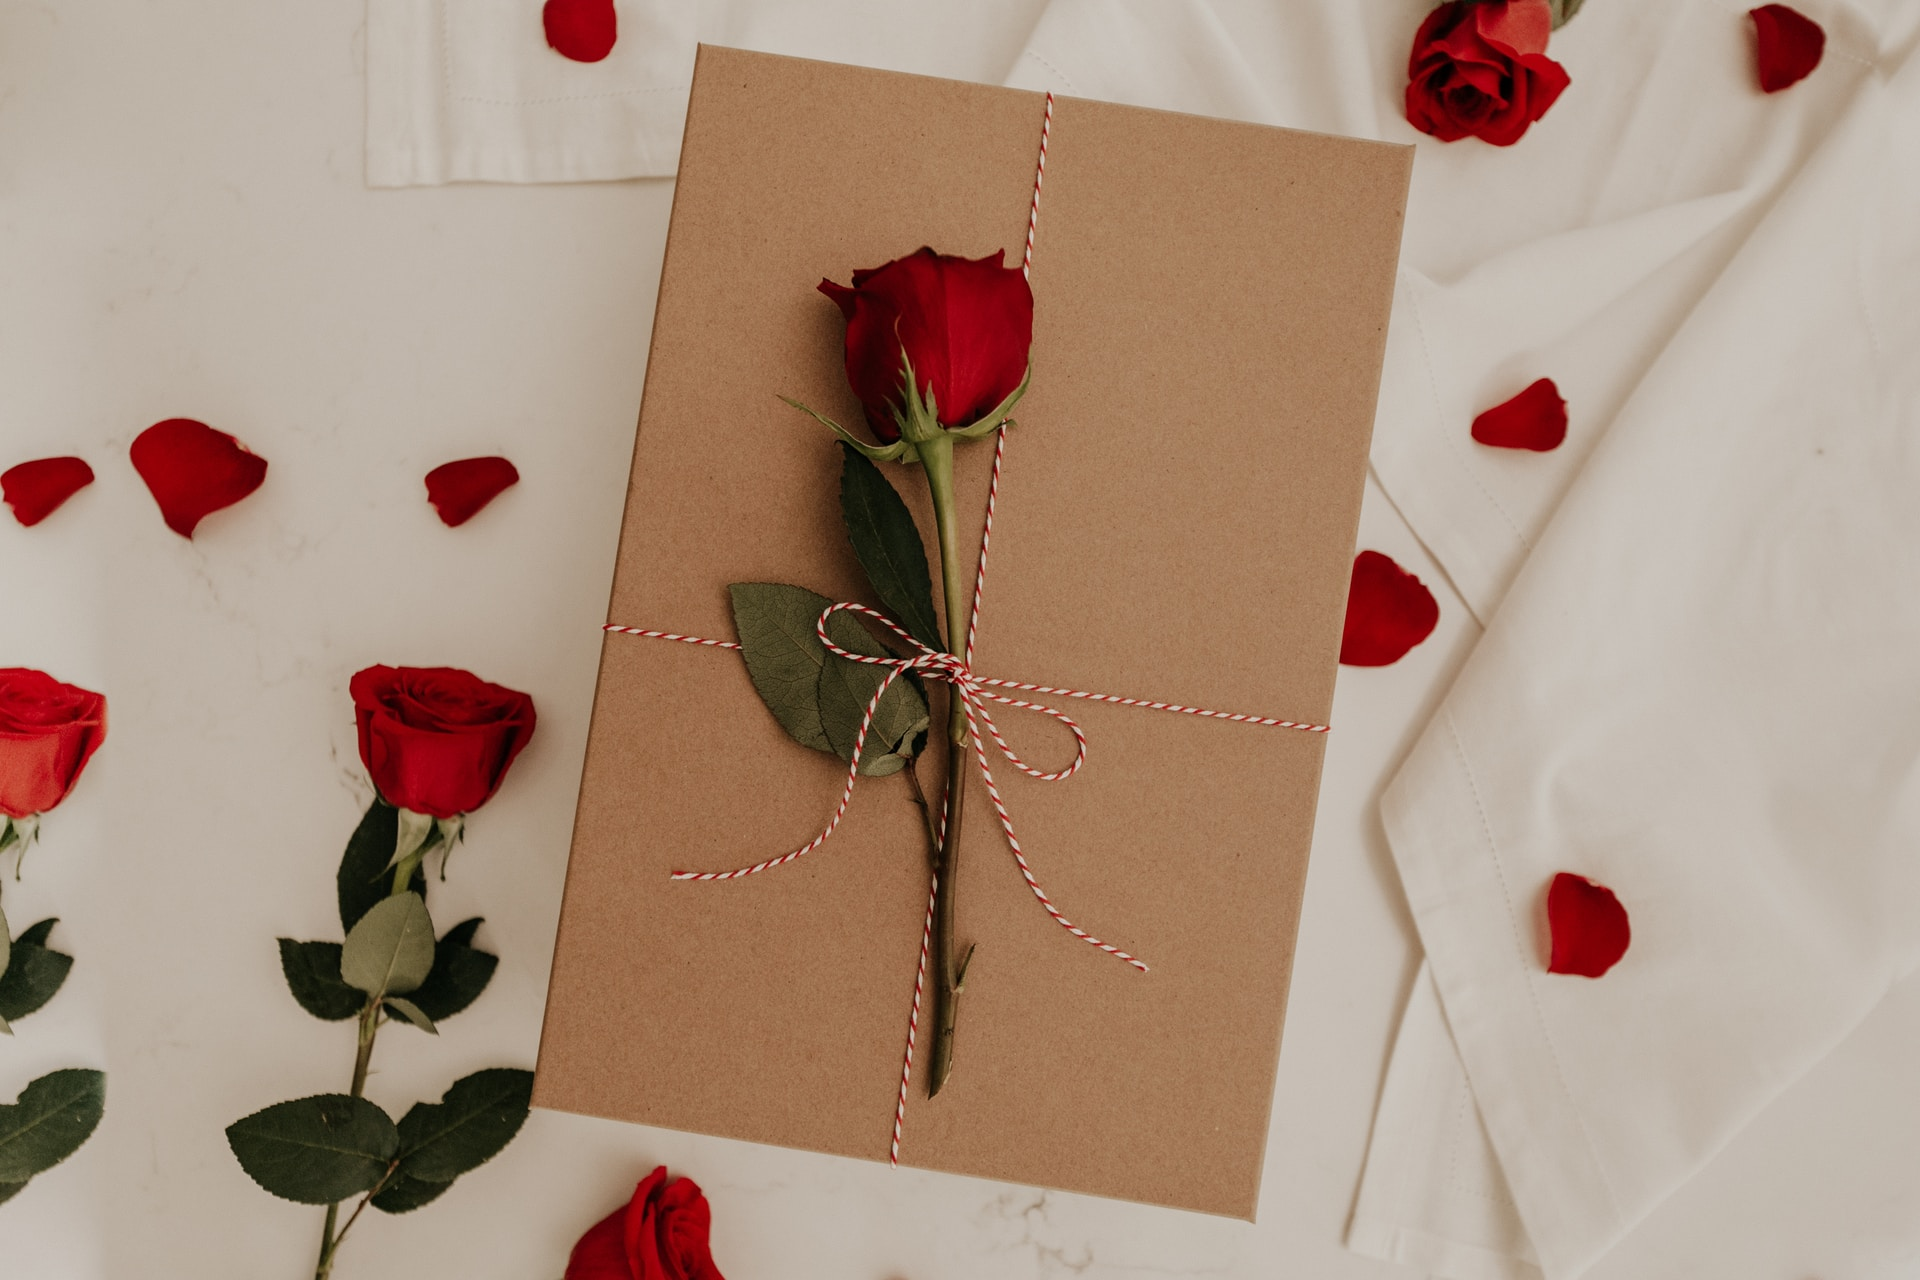 δώρο για την πρόταση του γάμου